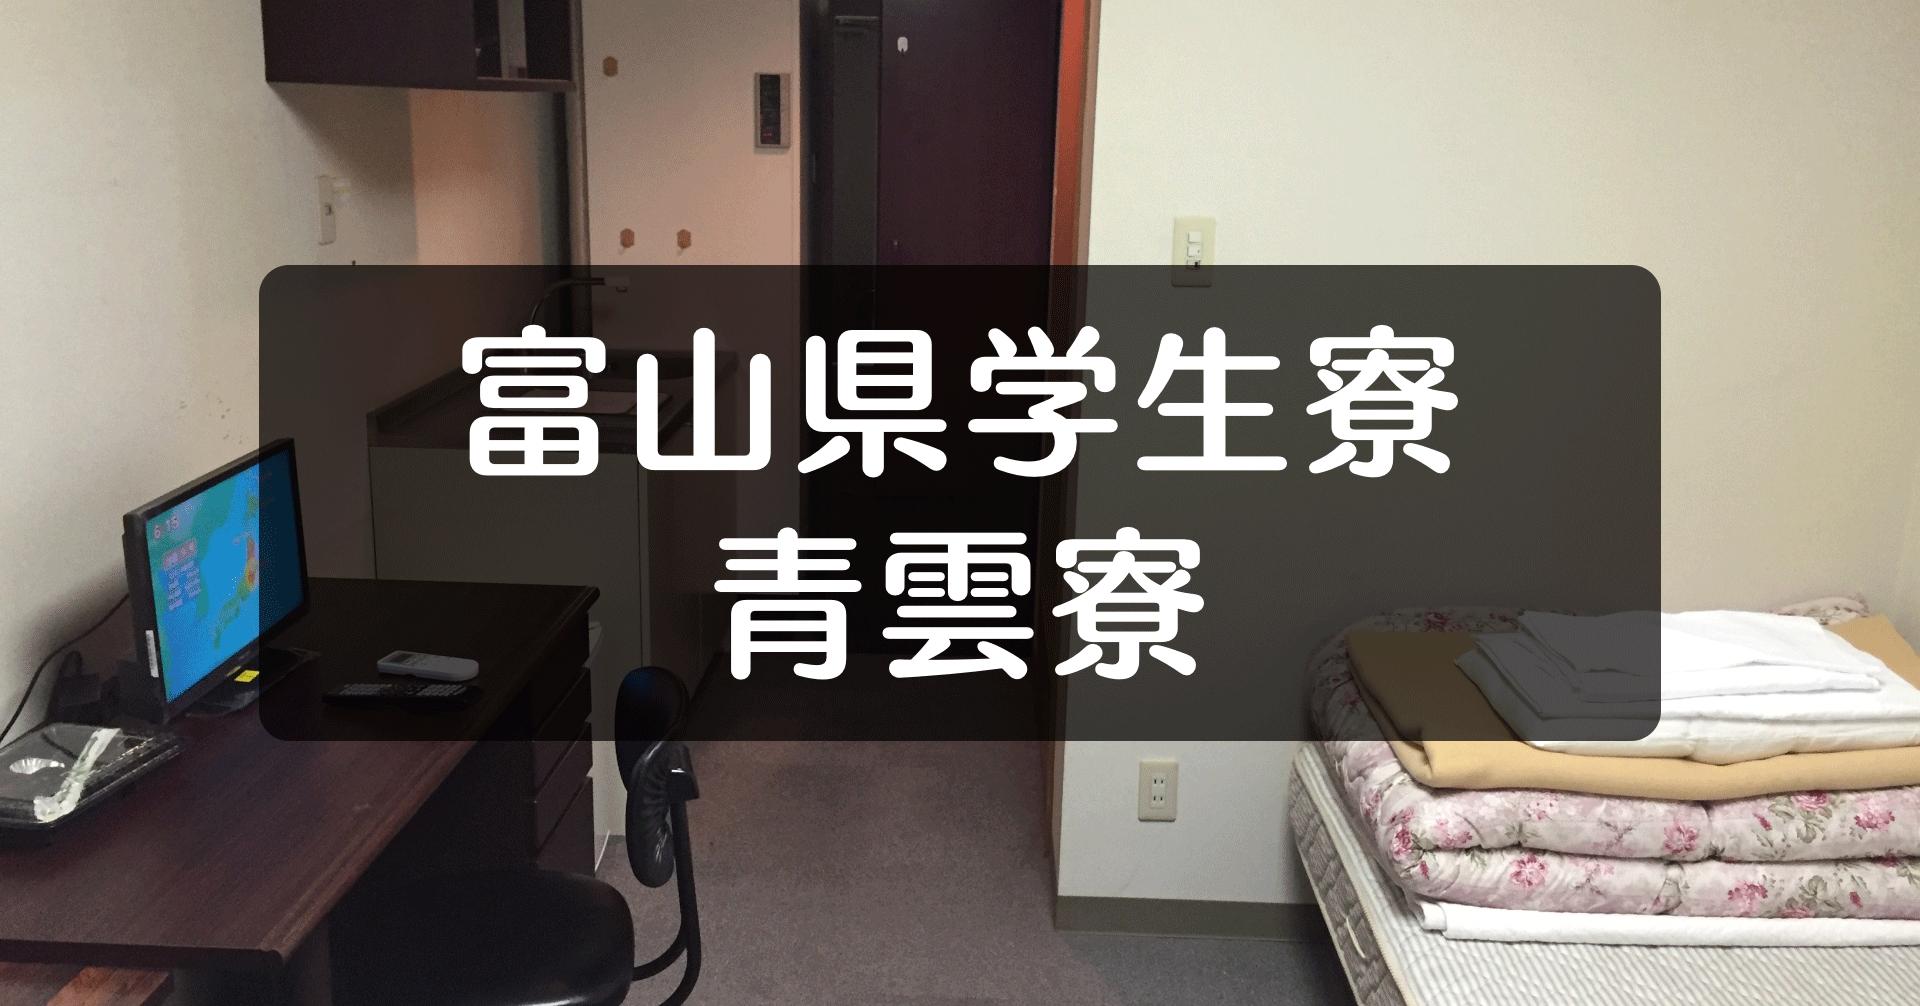 東京進学の子供がいる親必見!安い家賃と安心の「富山県学生寮 青雲寮」